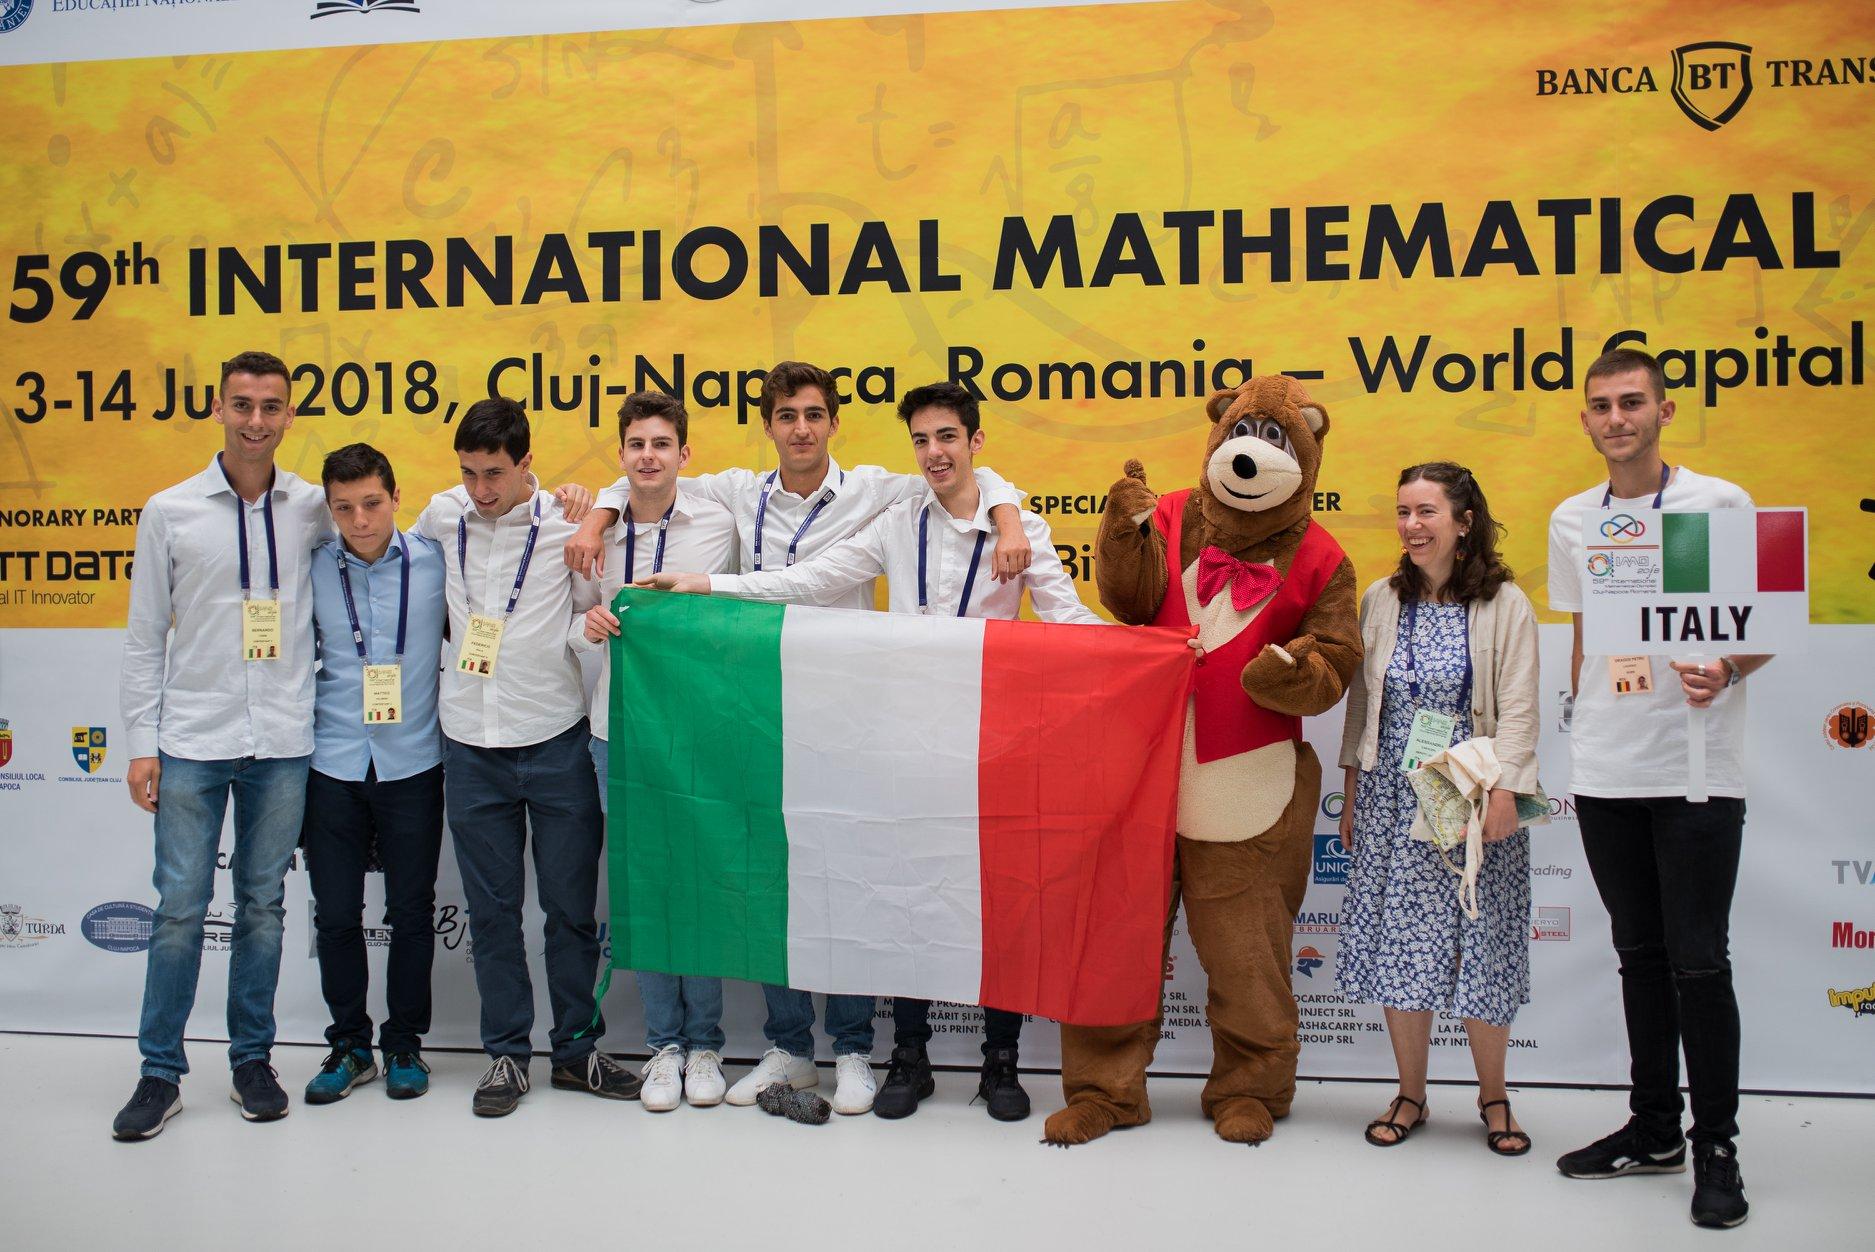 Olimpiadi Internazionali di Matematica 2018